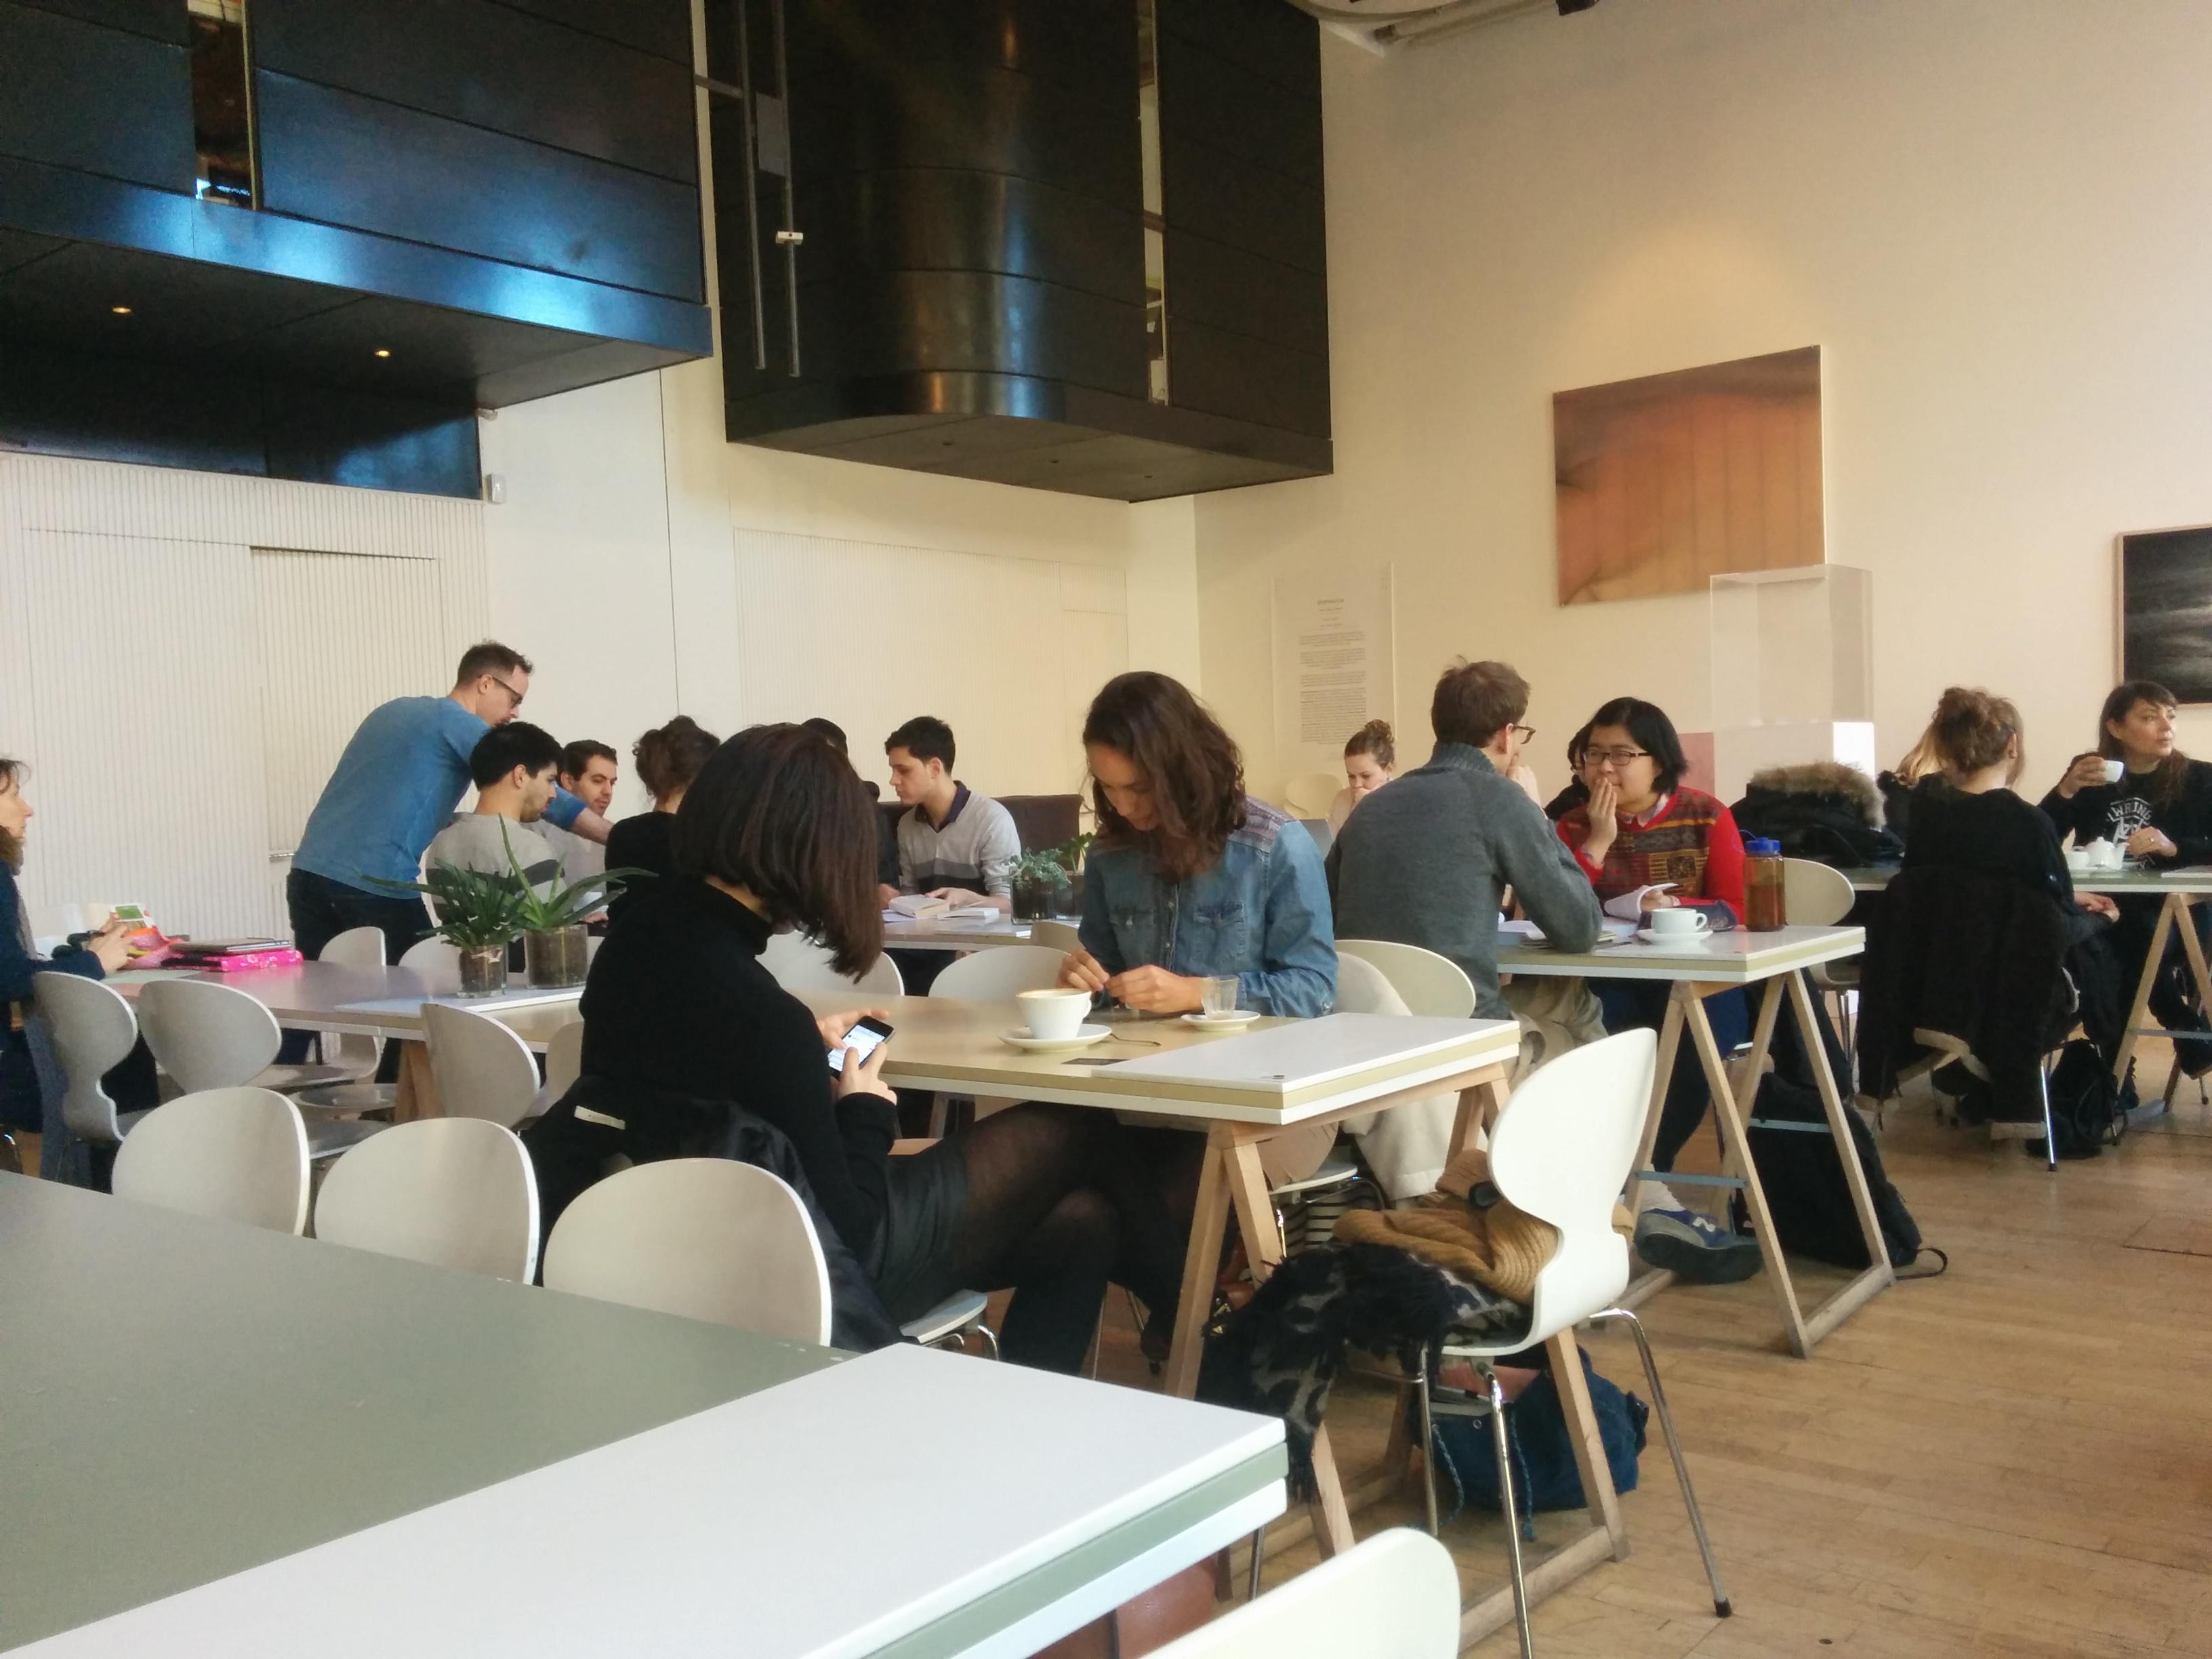 Caf coutume in institut finlandais in paris - Institut finlandais paris ...